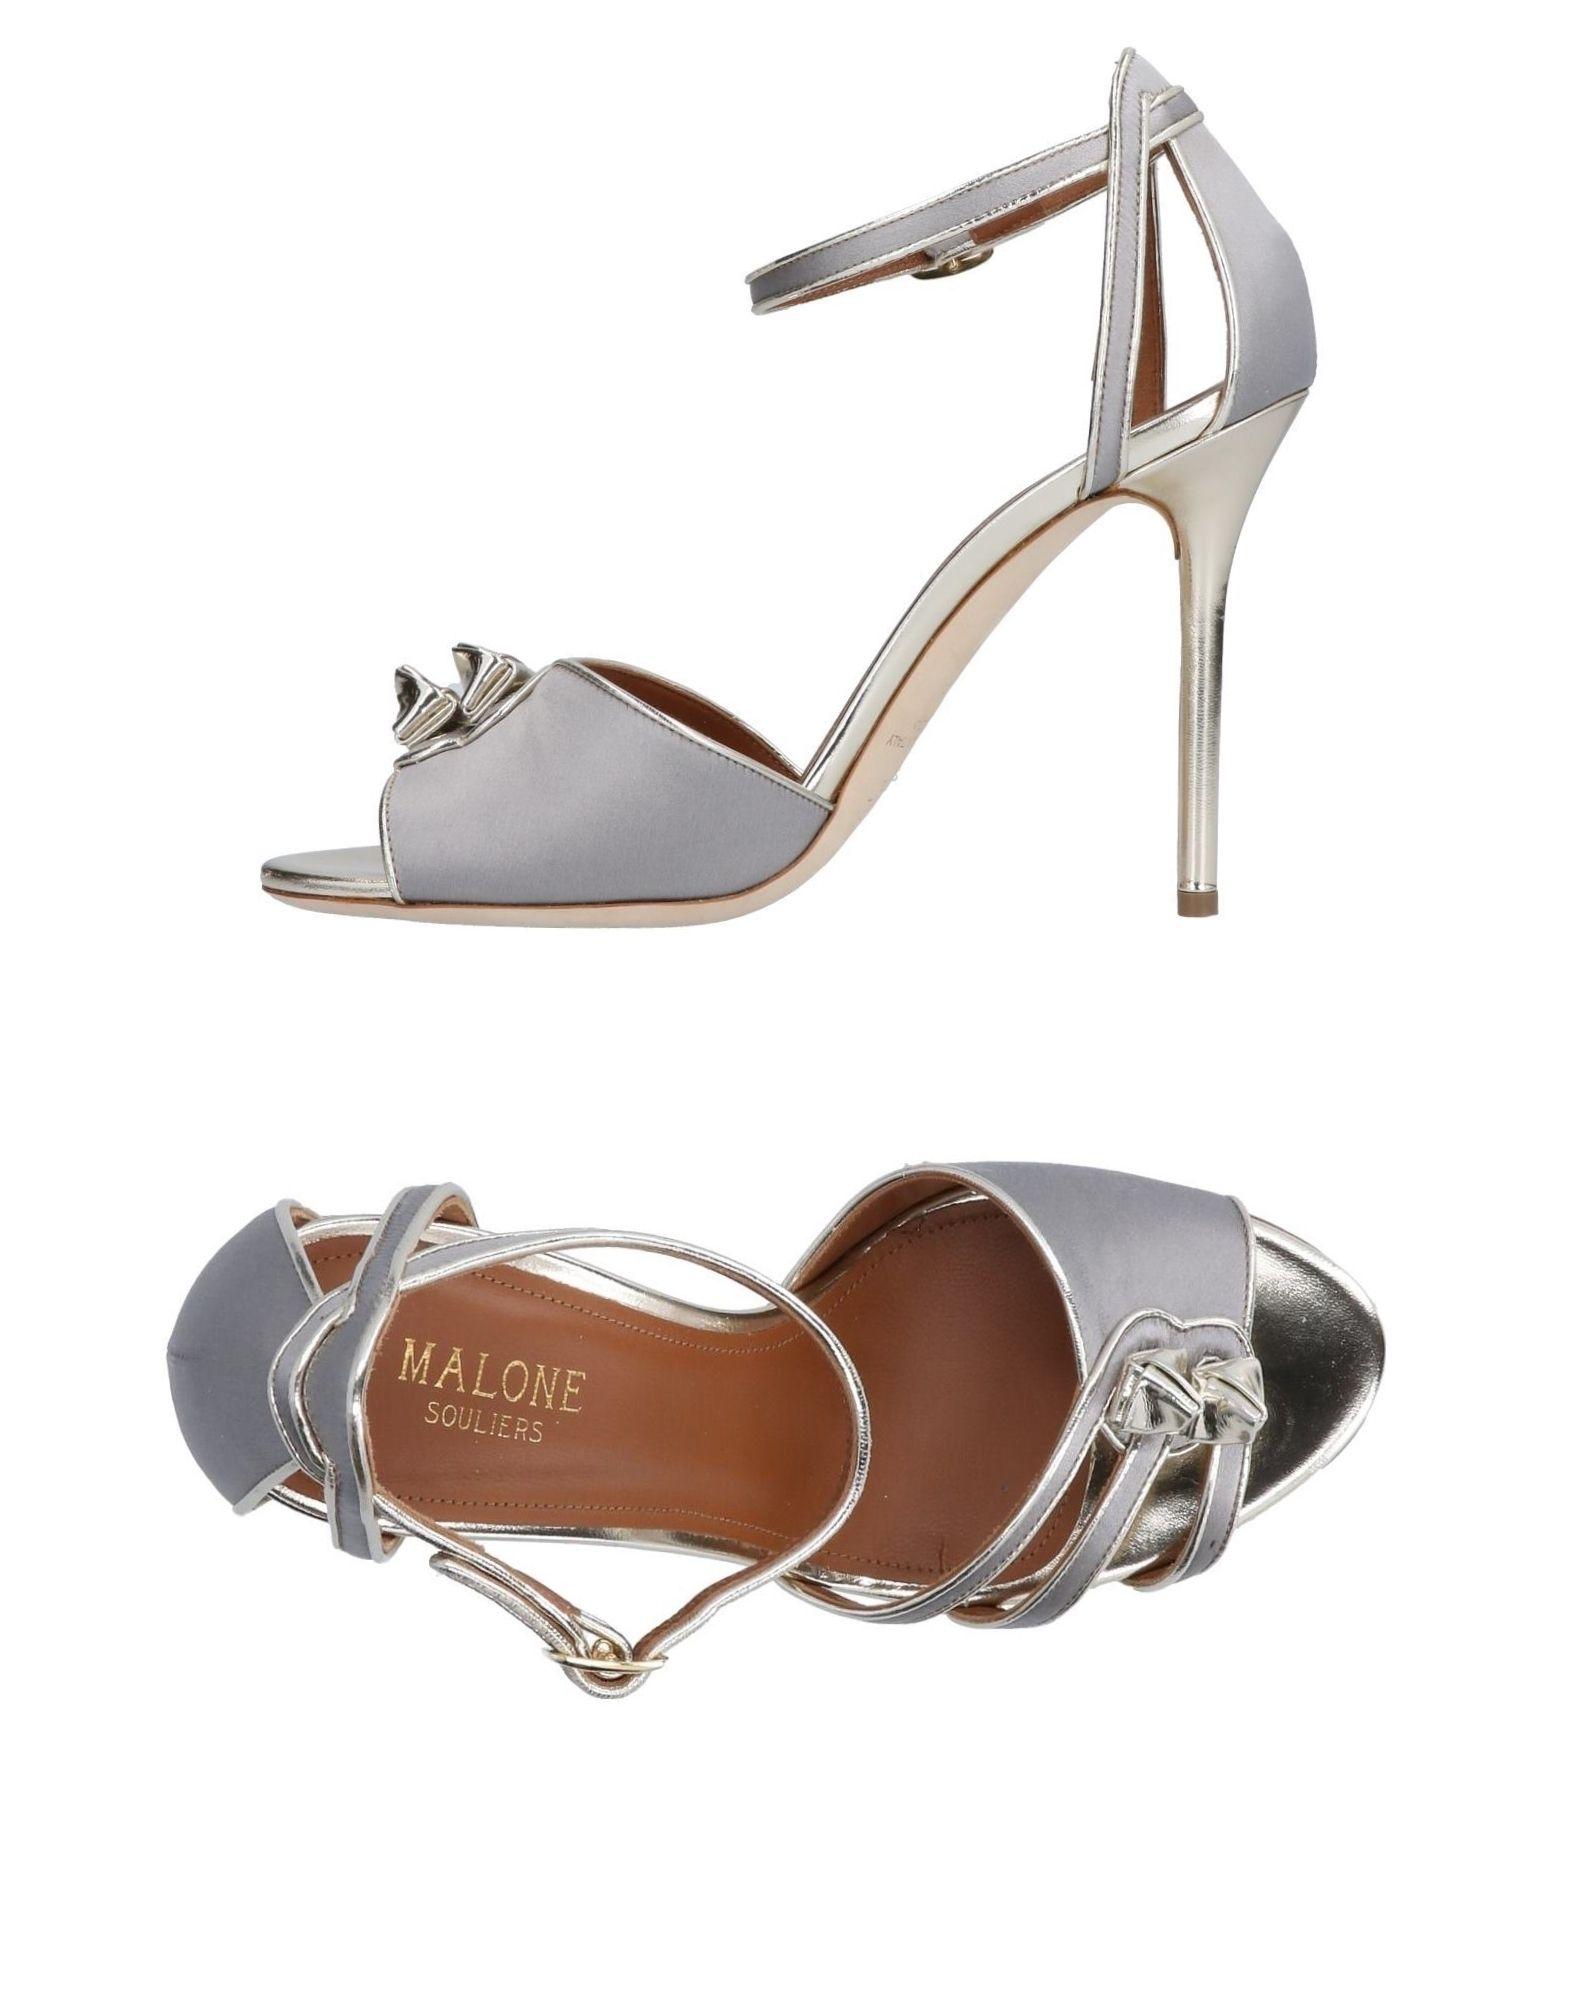 Malone Souliers Sandalen Sandalen Souliers Damen  11483050NX Beliebte Schuhe 0b7a06